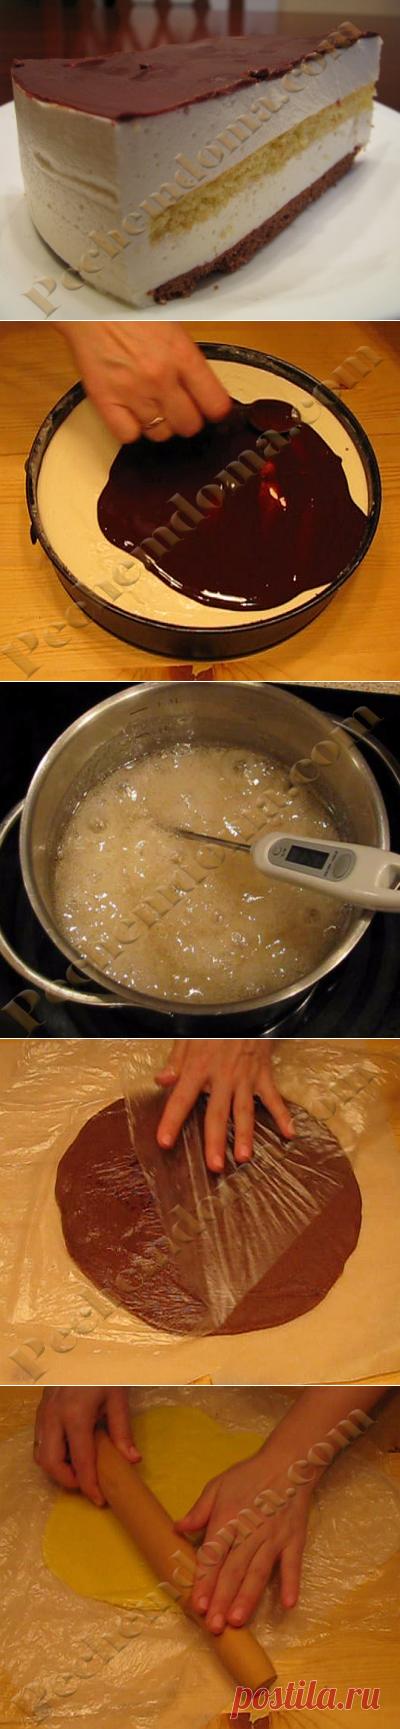 Сырный крем для торта рецепт пошагово